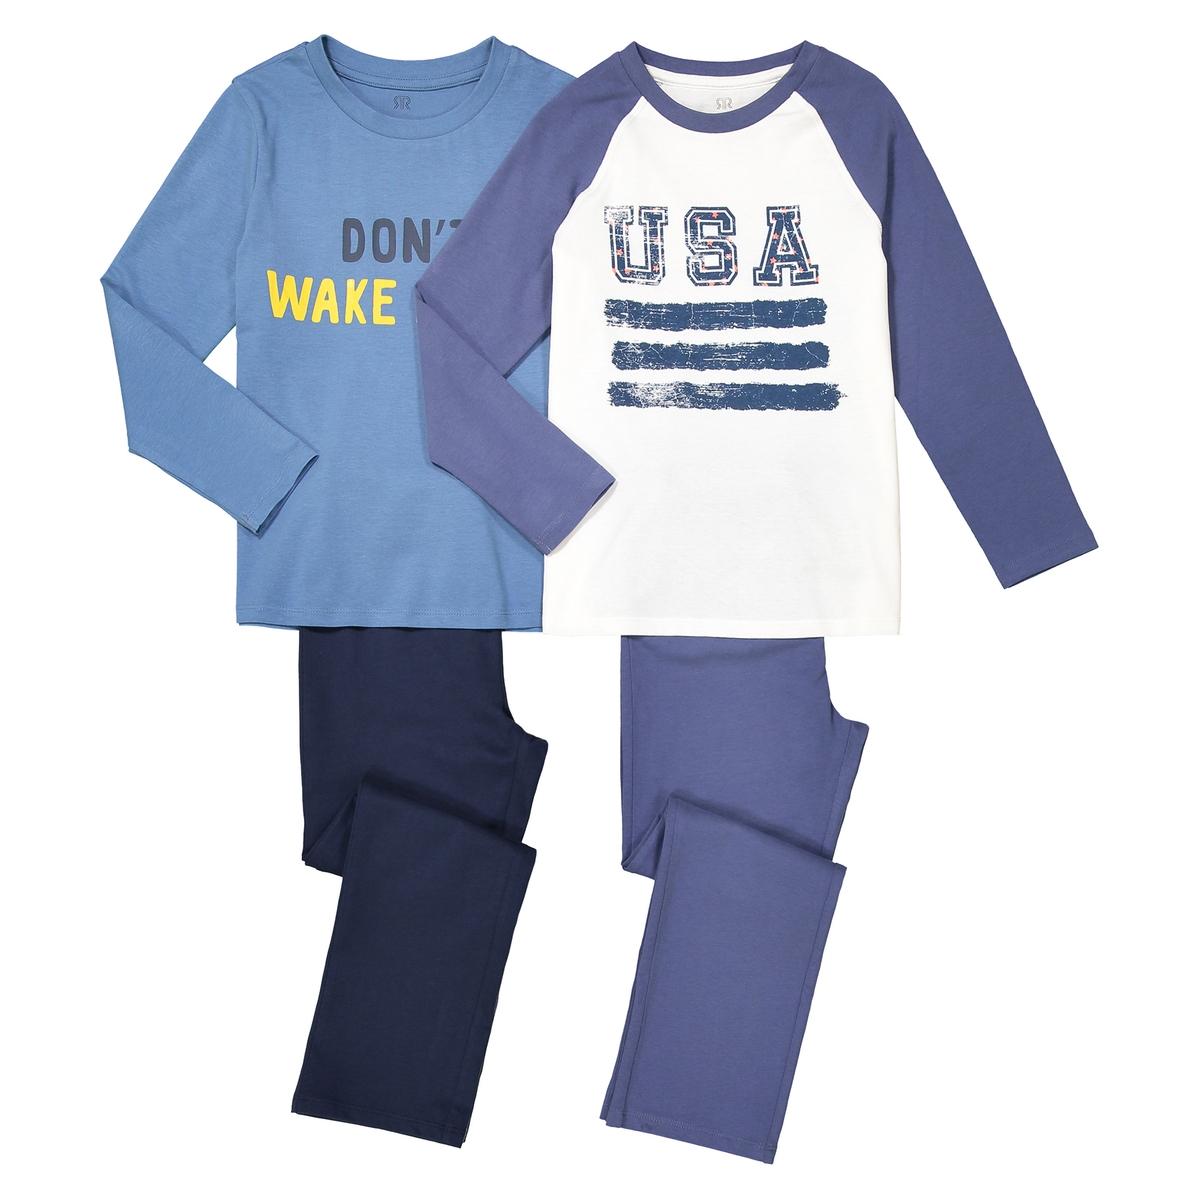 пижама с рисунком из хлопка 3-12 лет (комплект из 2 изделий)